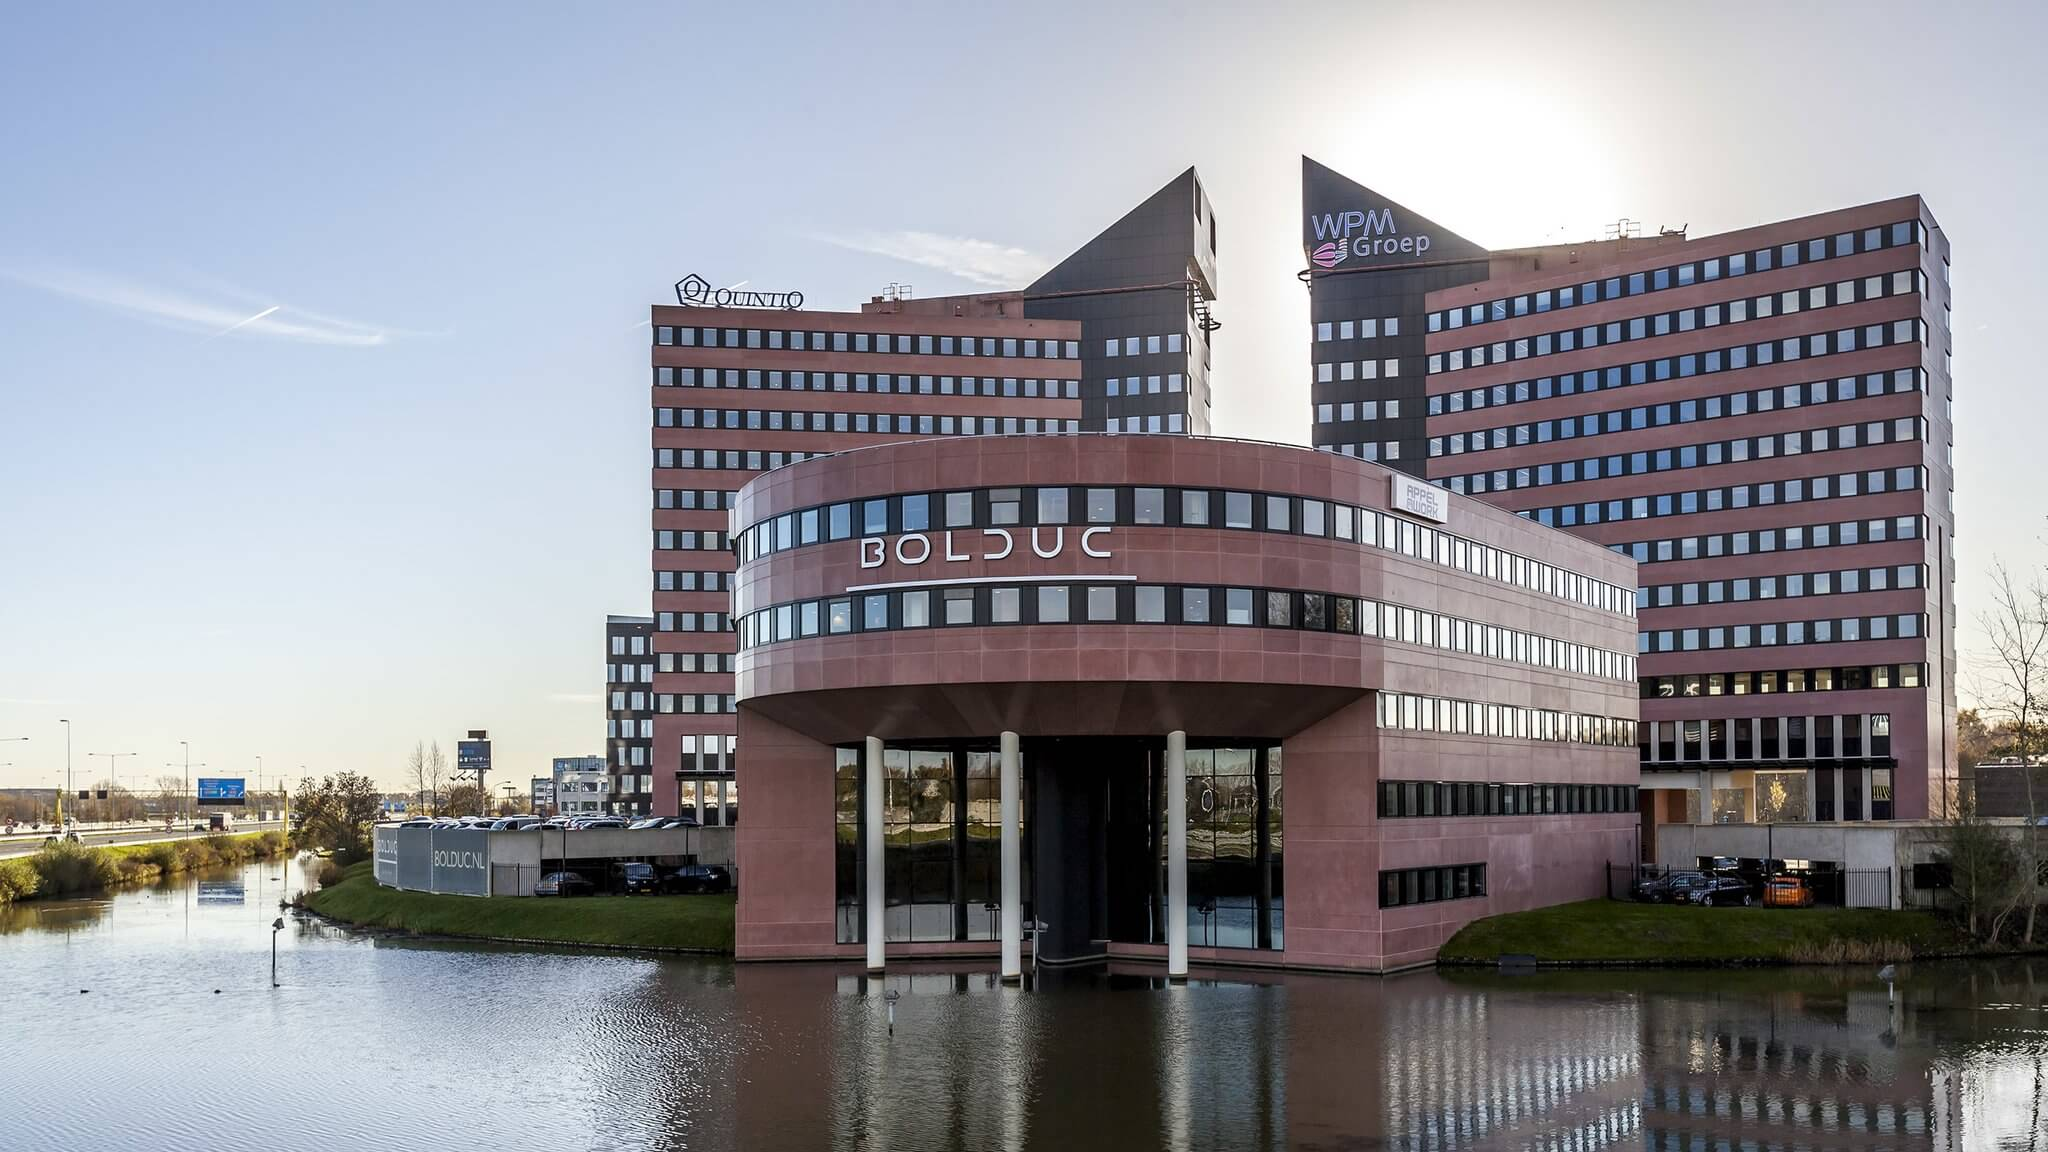 Kantoorpand Bolduc Van Wijnen Zuid